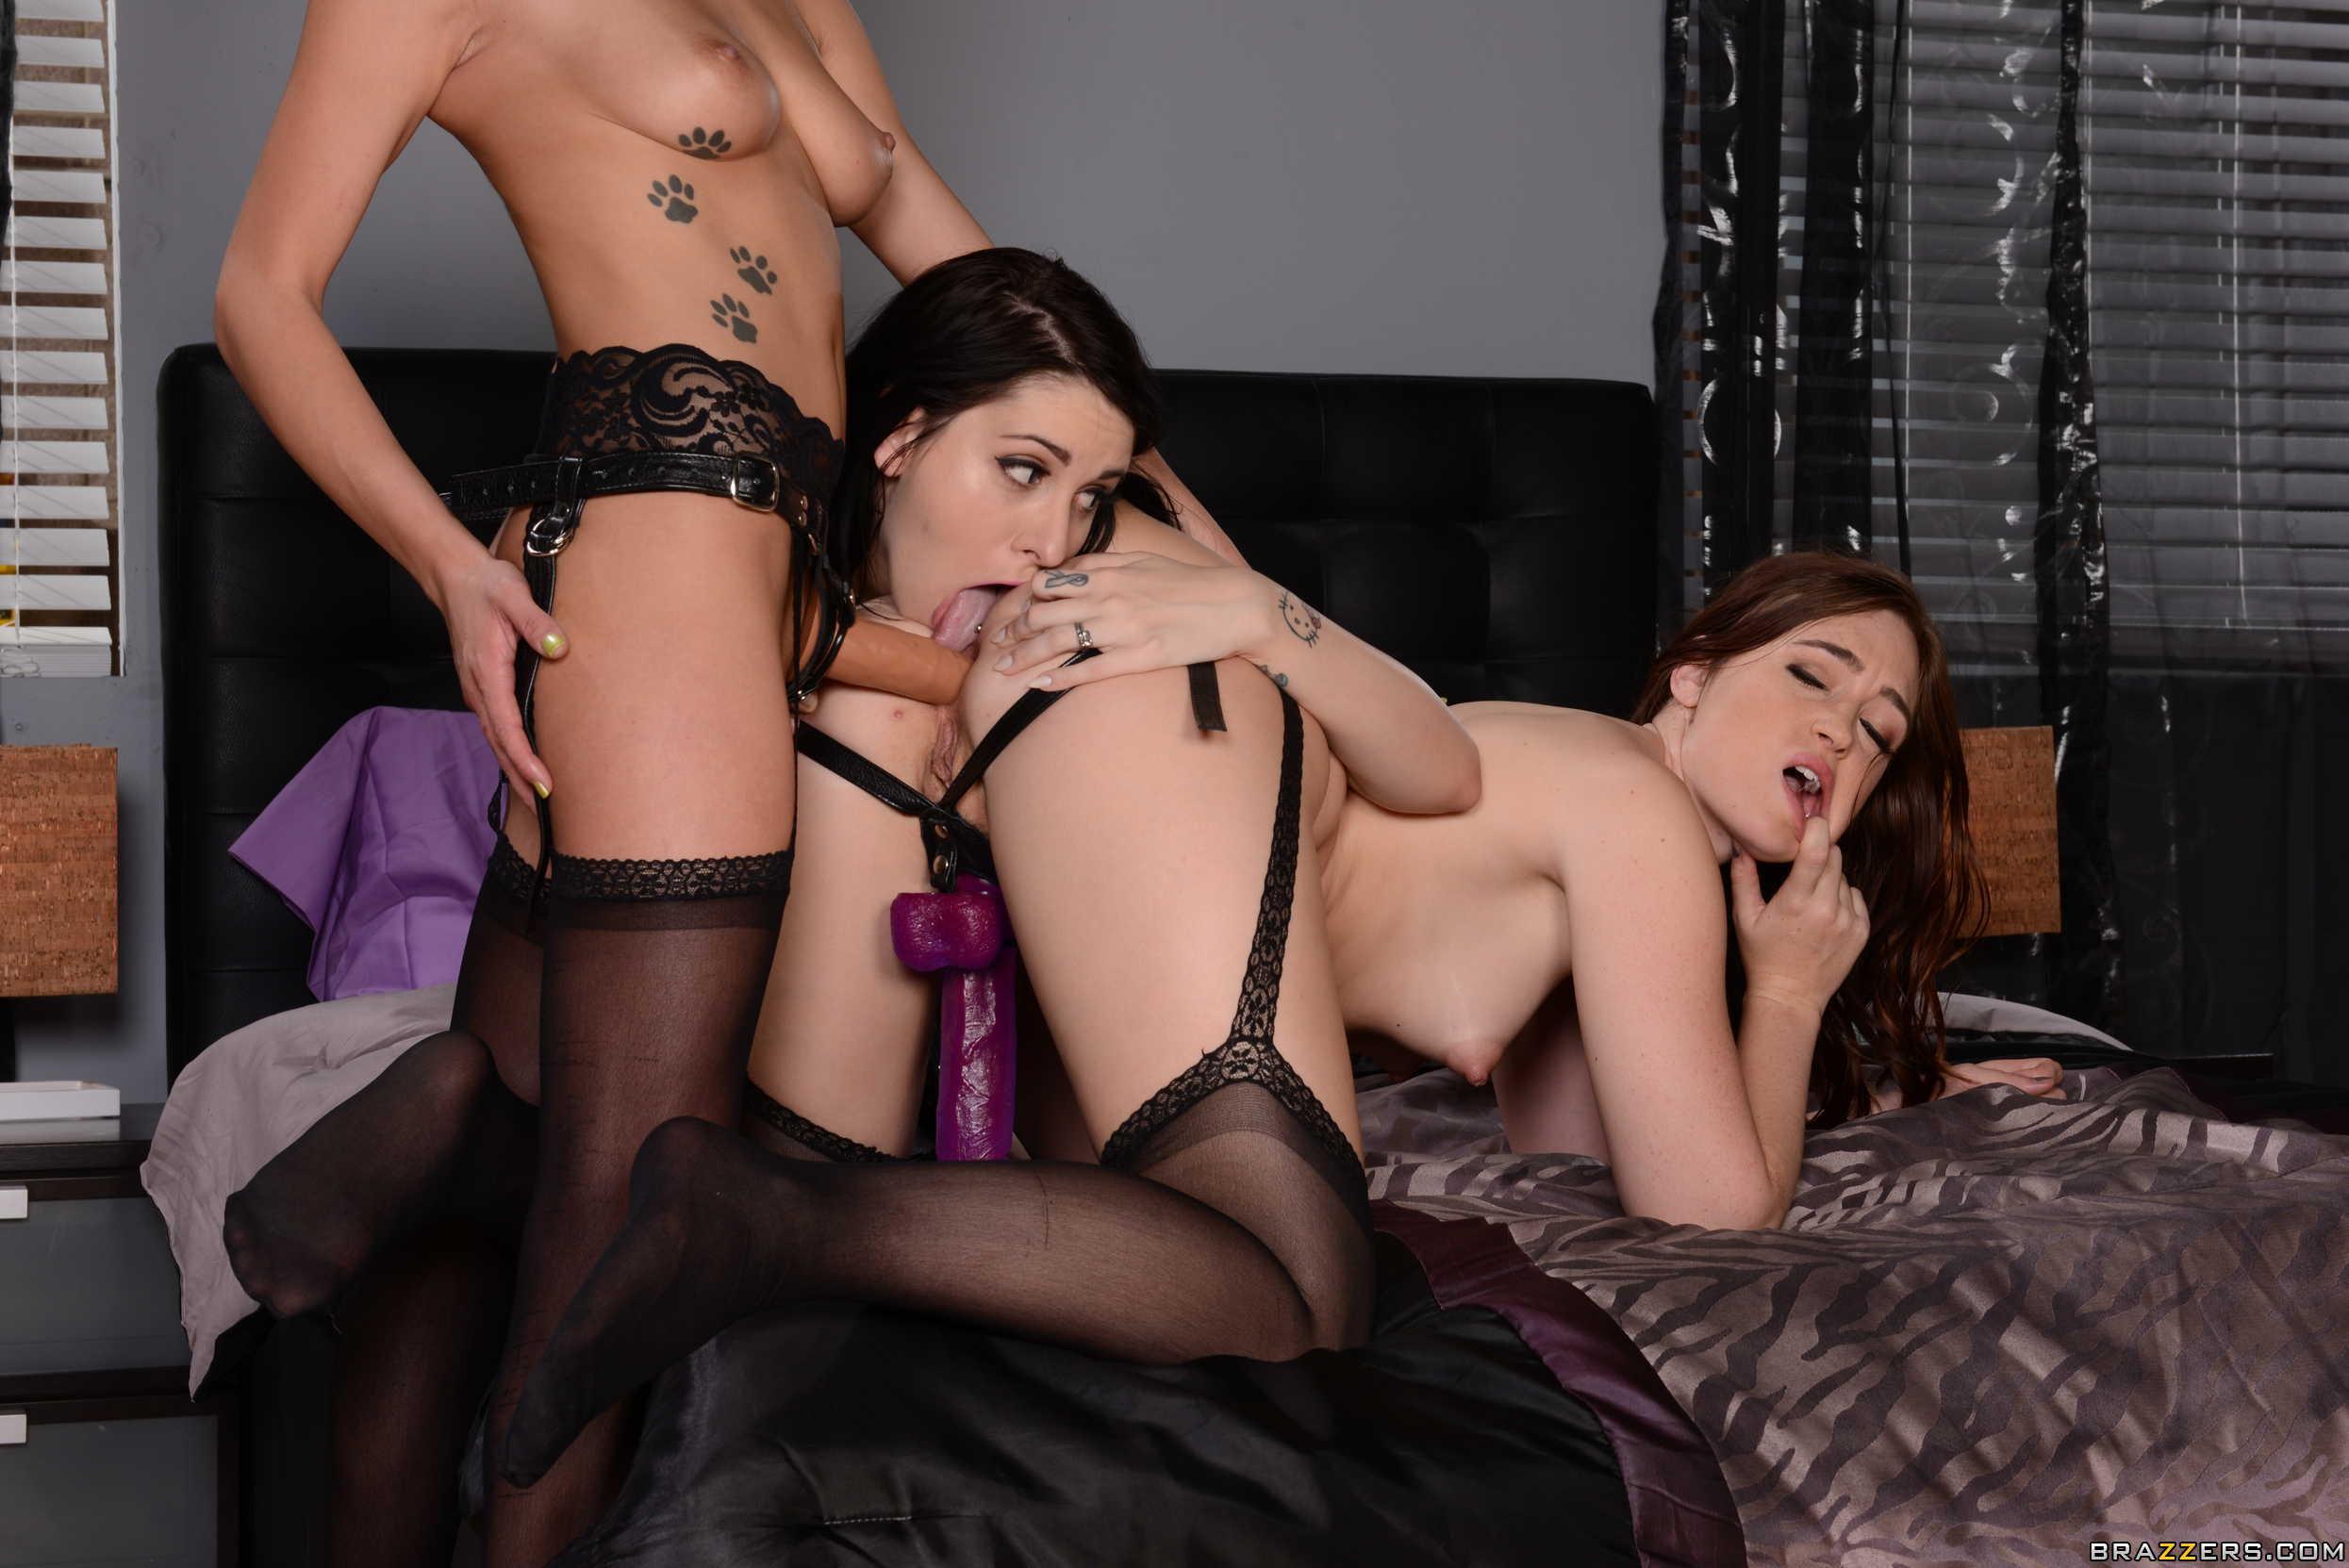 Tres chicas jóvenes disfrutan de unos juguetes